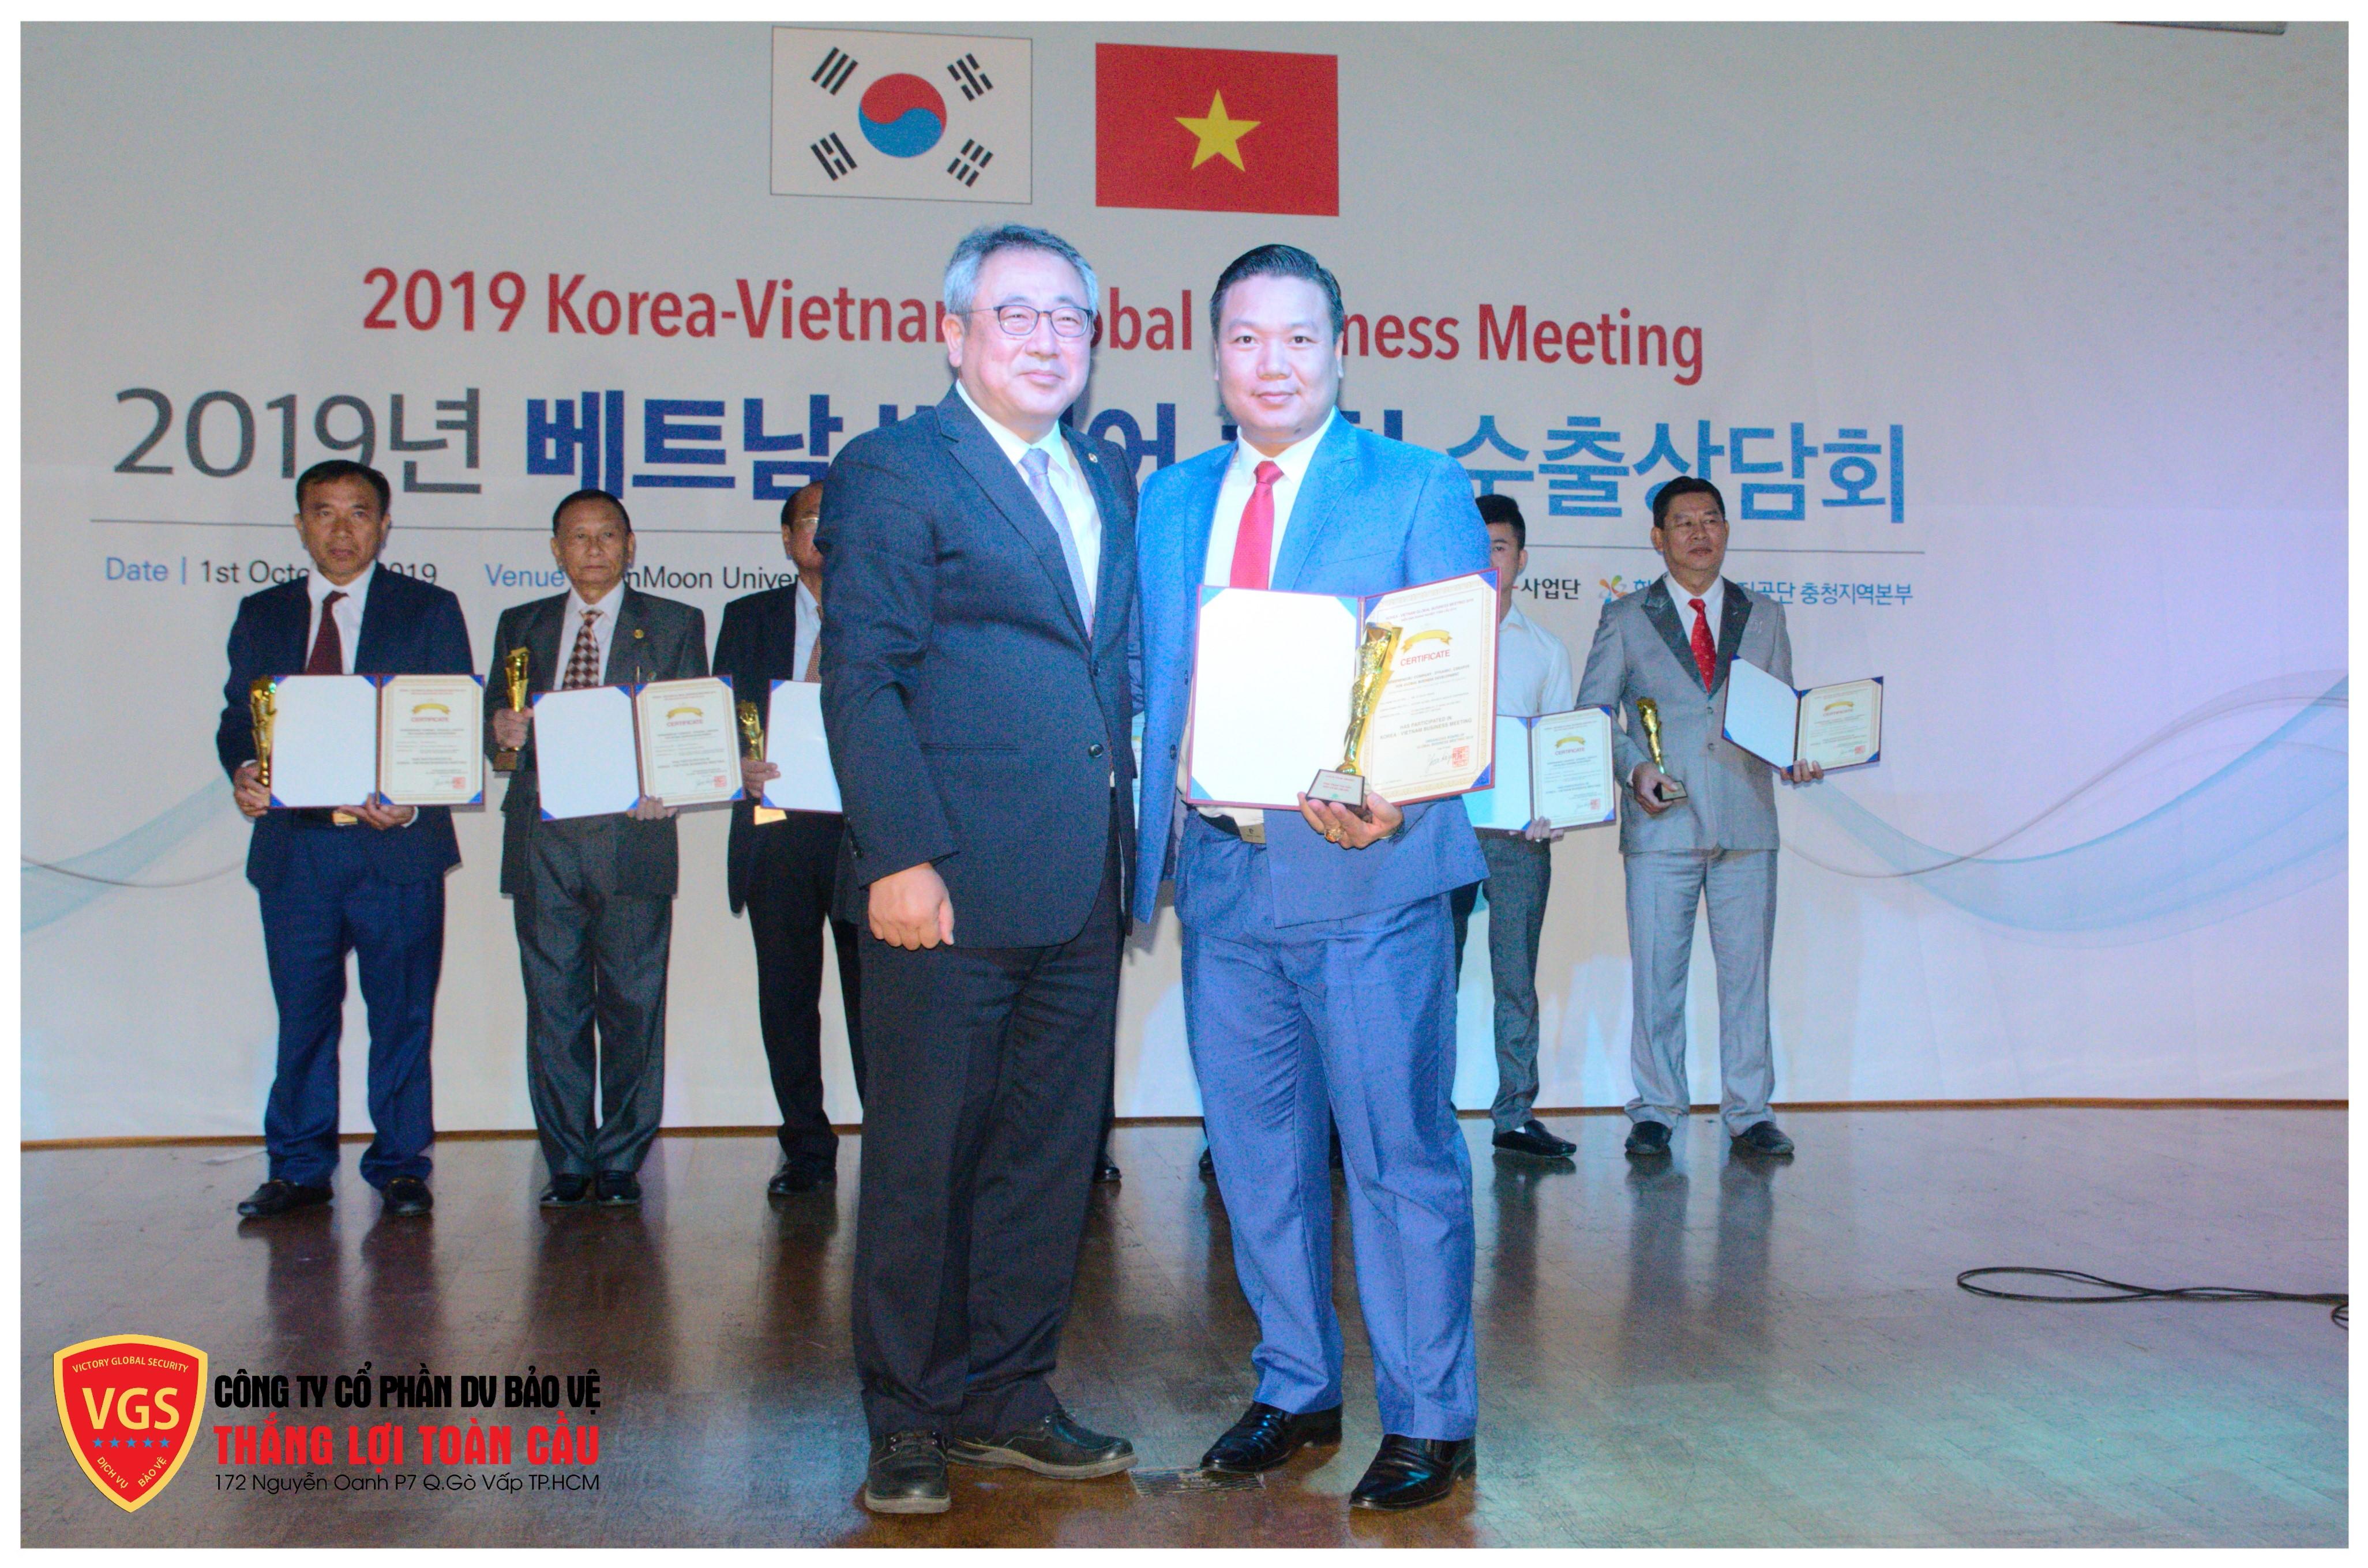 Thắng Lợi Toàn Cầu– VGS được vinh danh tại Hàn Quốc  - Ảnh 3